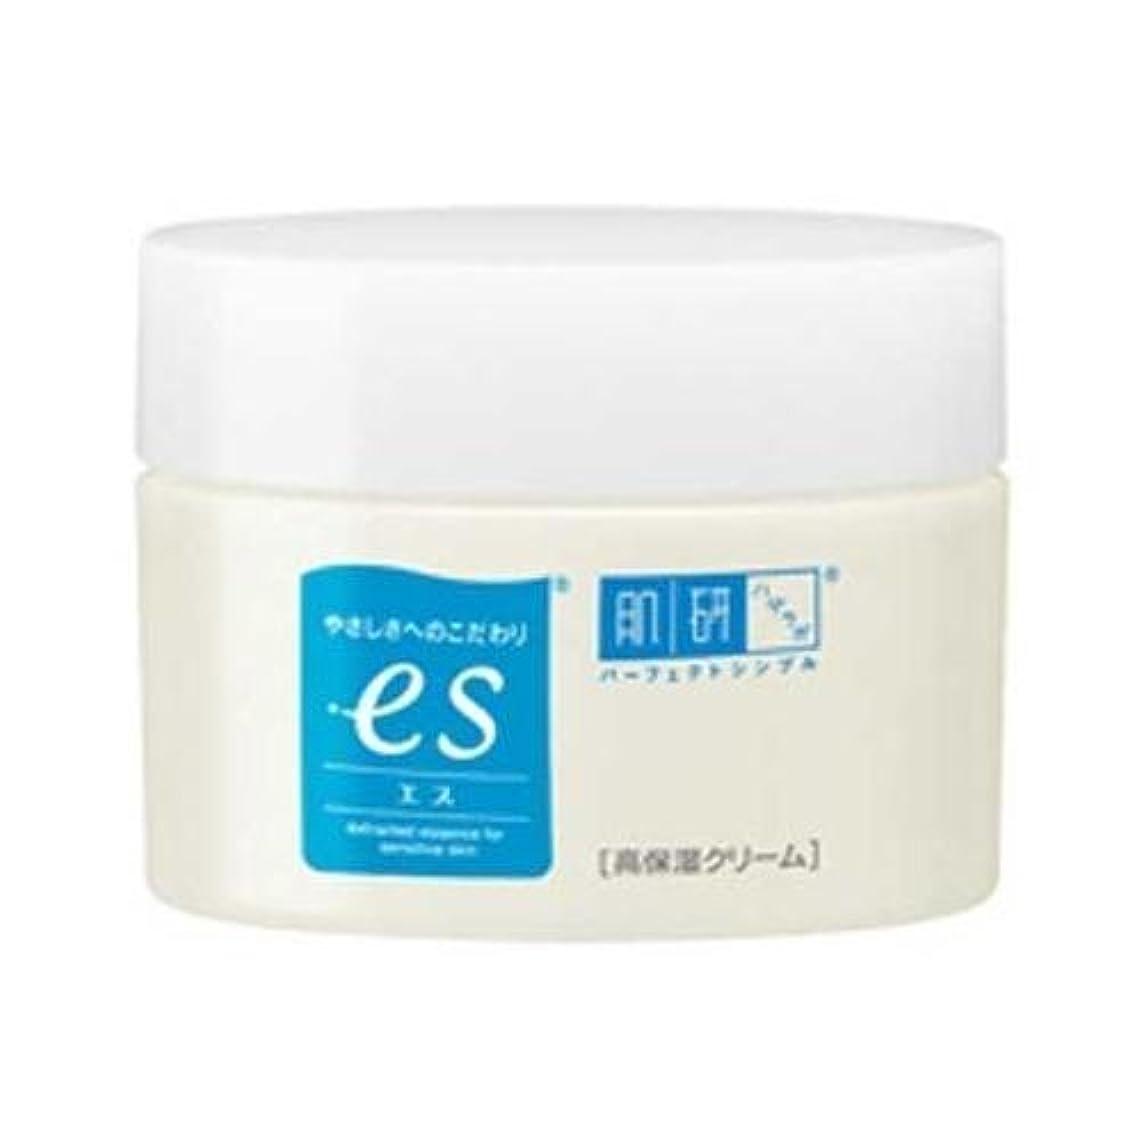 賢明なパステルバンドル肌ラボ es(エス) ナノ化ミネラルヒアルロン酸配合 無添加処方 高保湿クリーム 50g